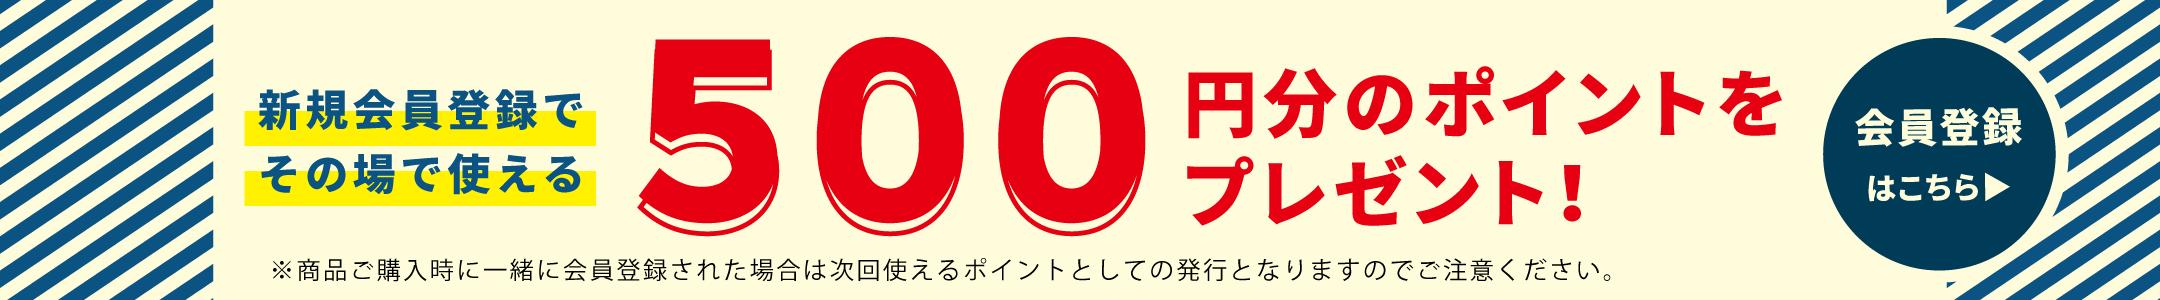 新規会員登録で500円分ポイントプレゼント